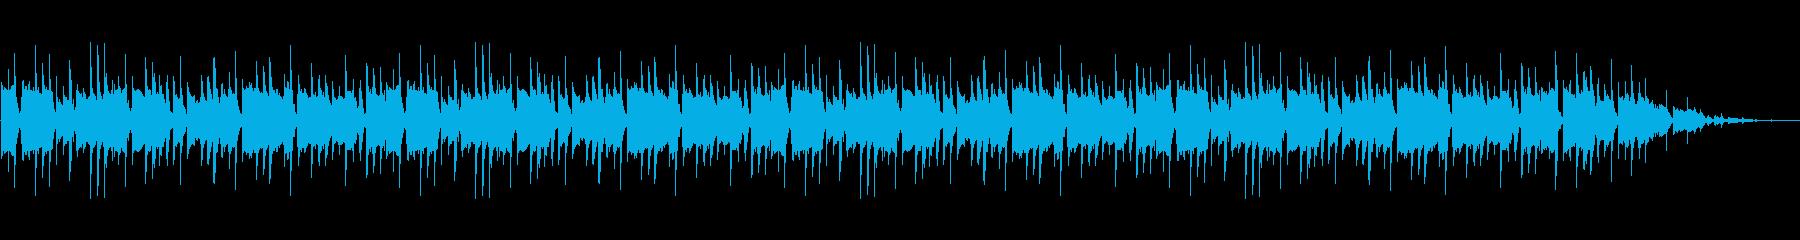 フォーク ゆったり 柔らかい アコギ 海の再生済みの波形